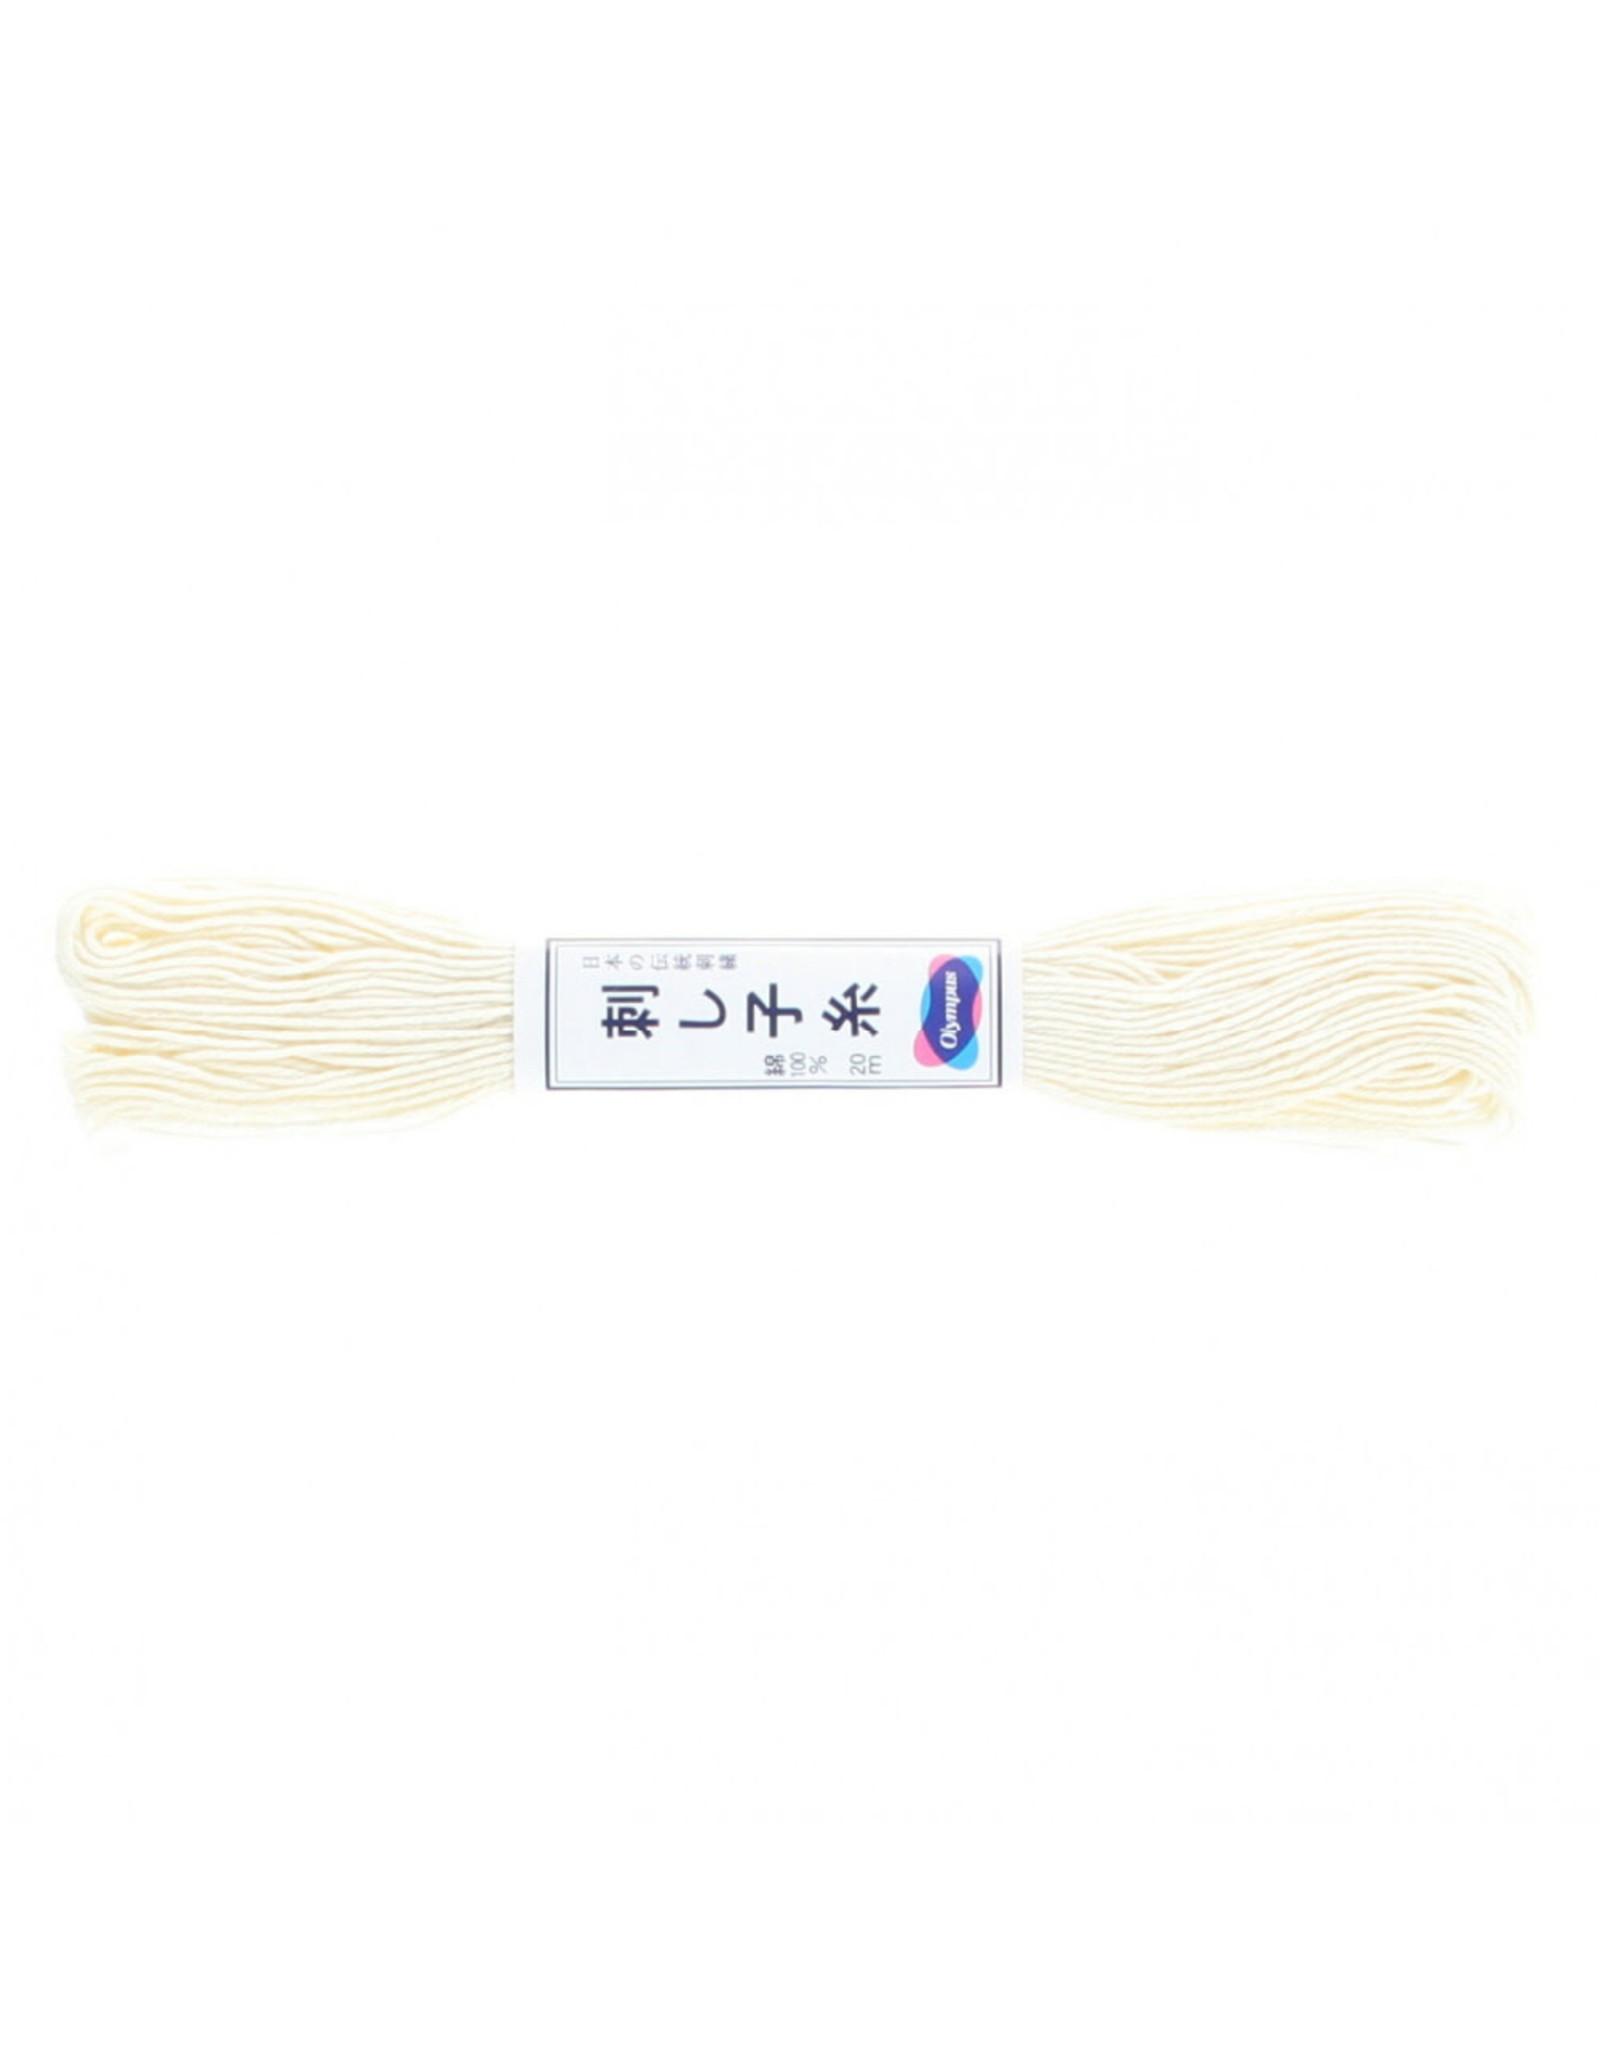 Olympus Sashiko Thread, Off-White, 22 yd. skein, 100% Cotton